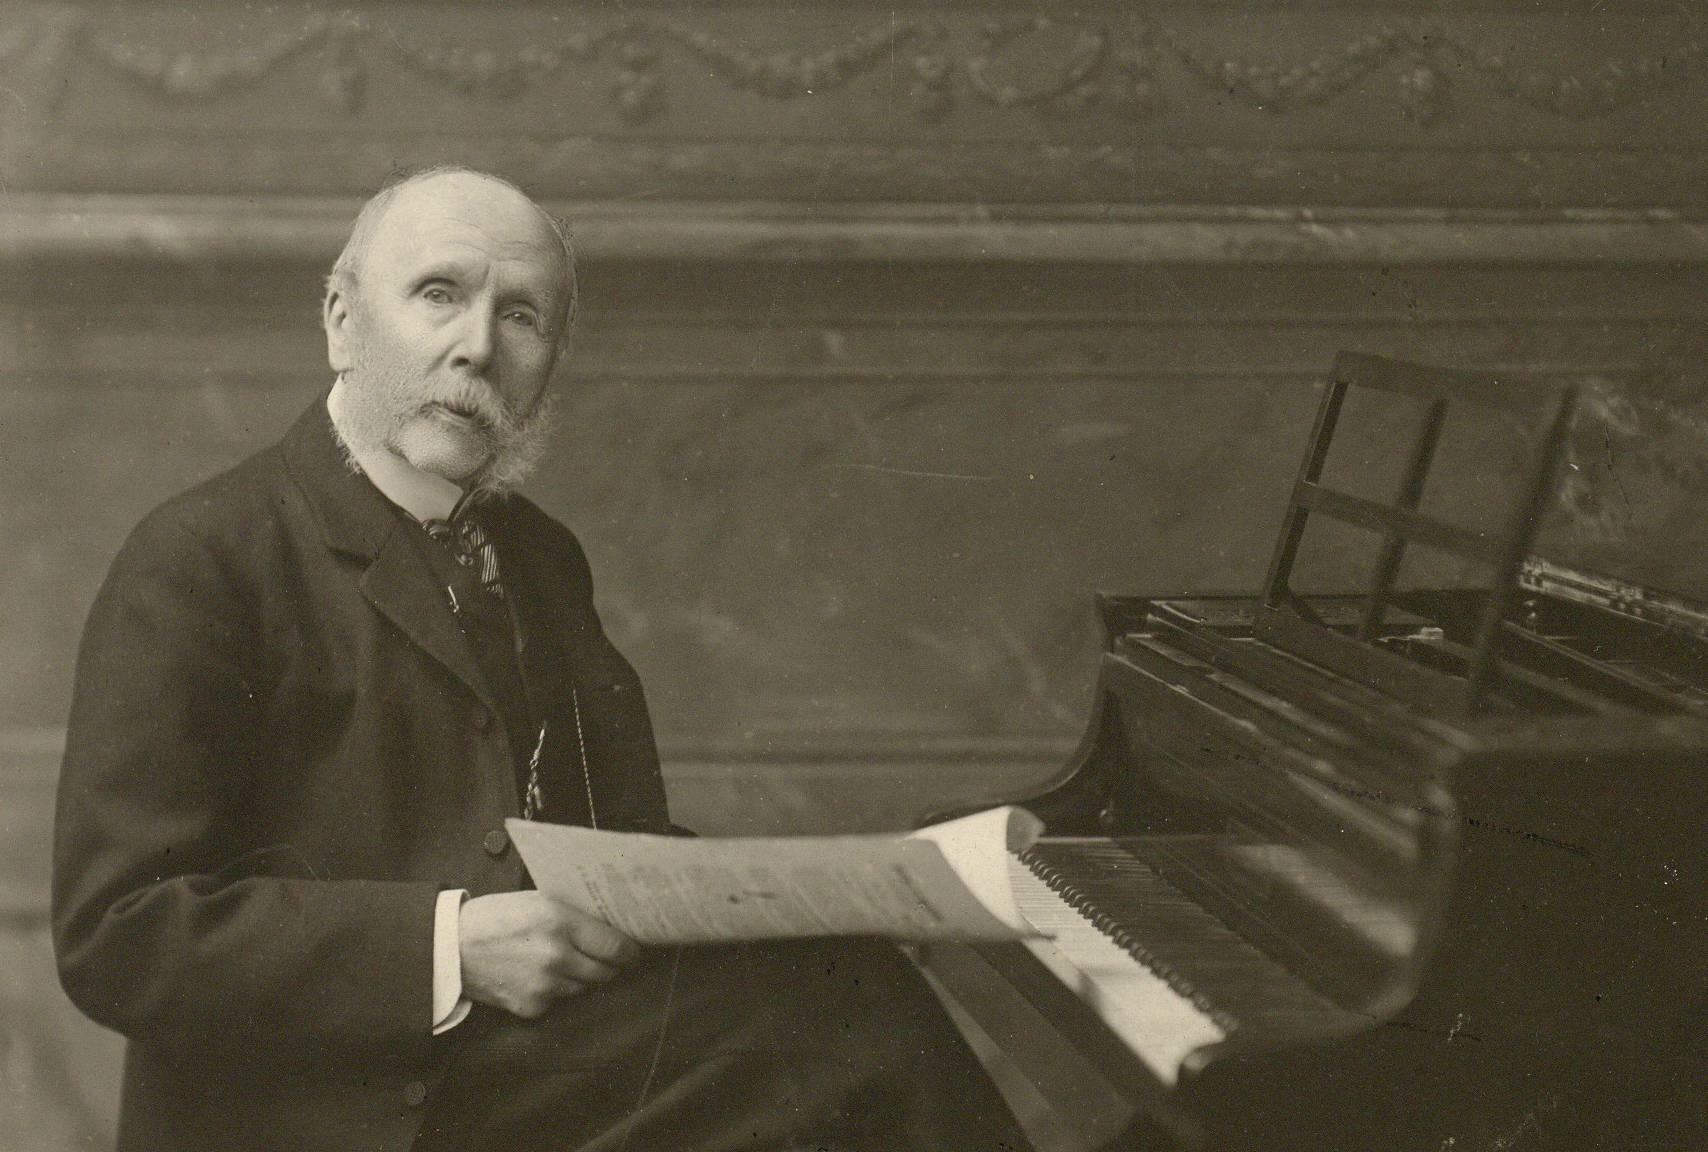 Ein Beamter Wird Komponist